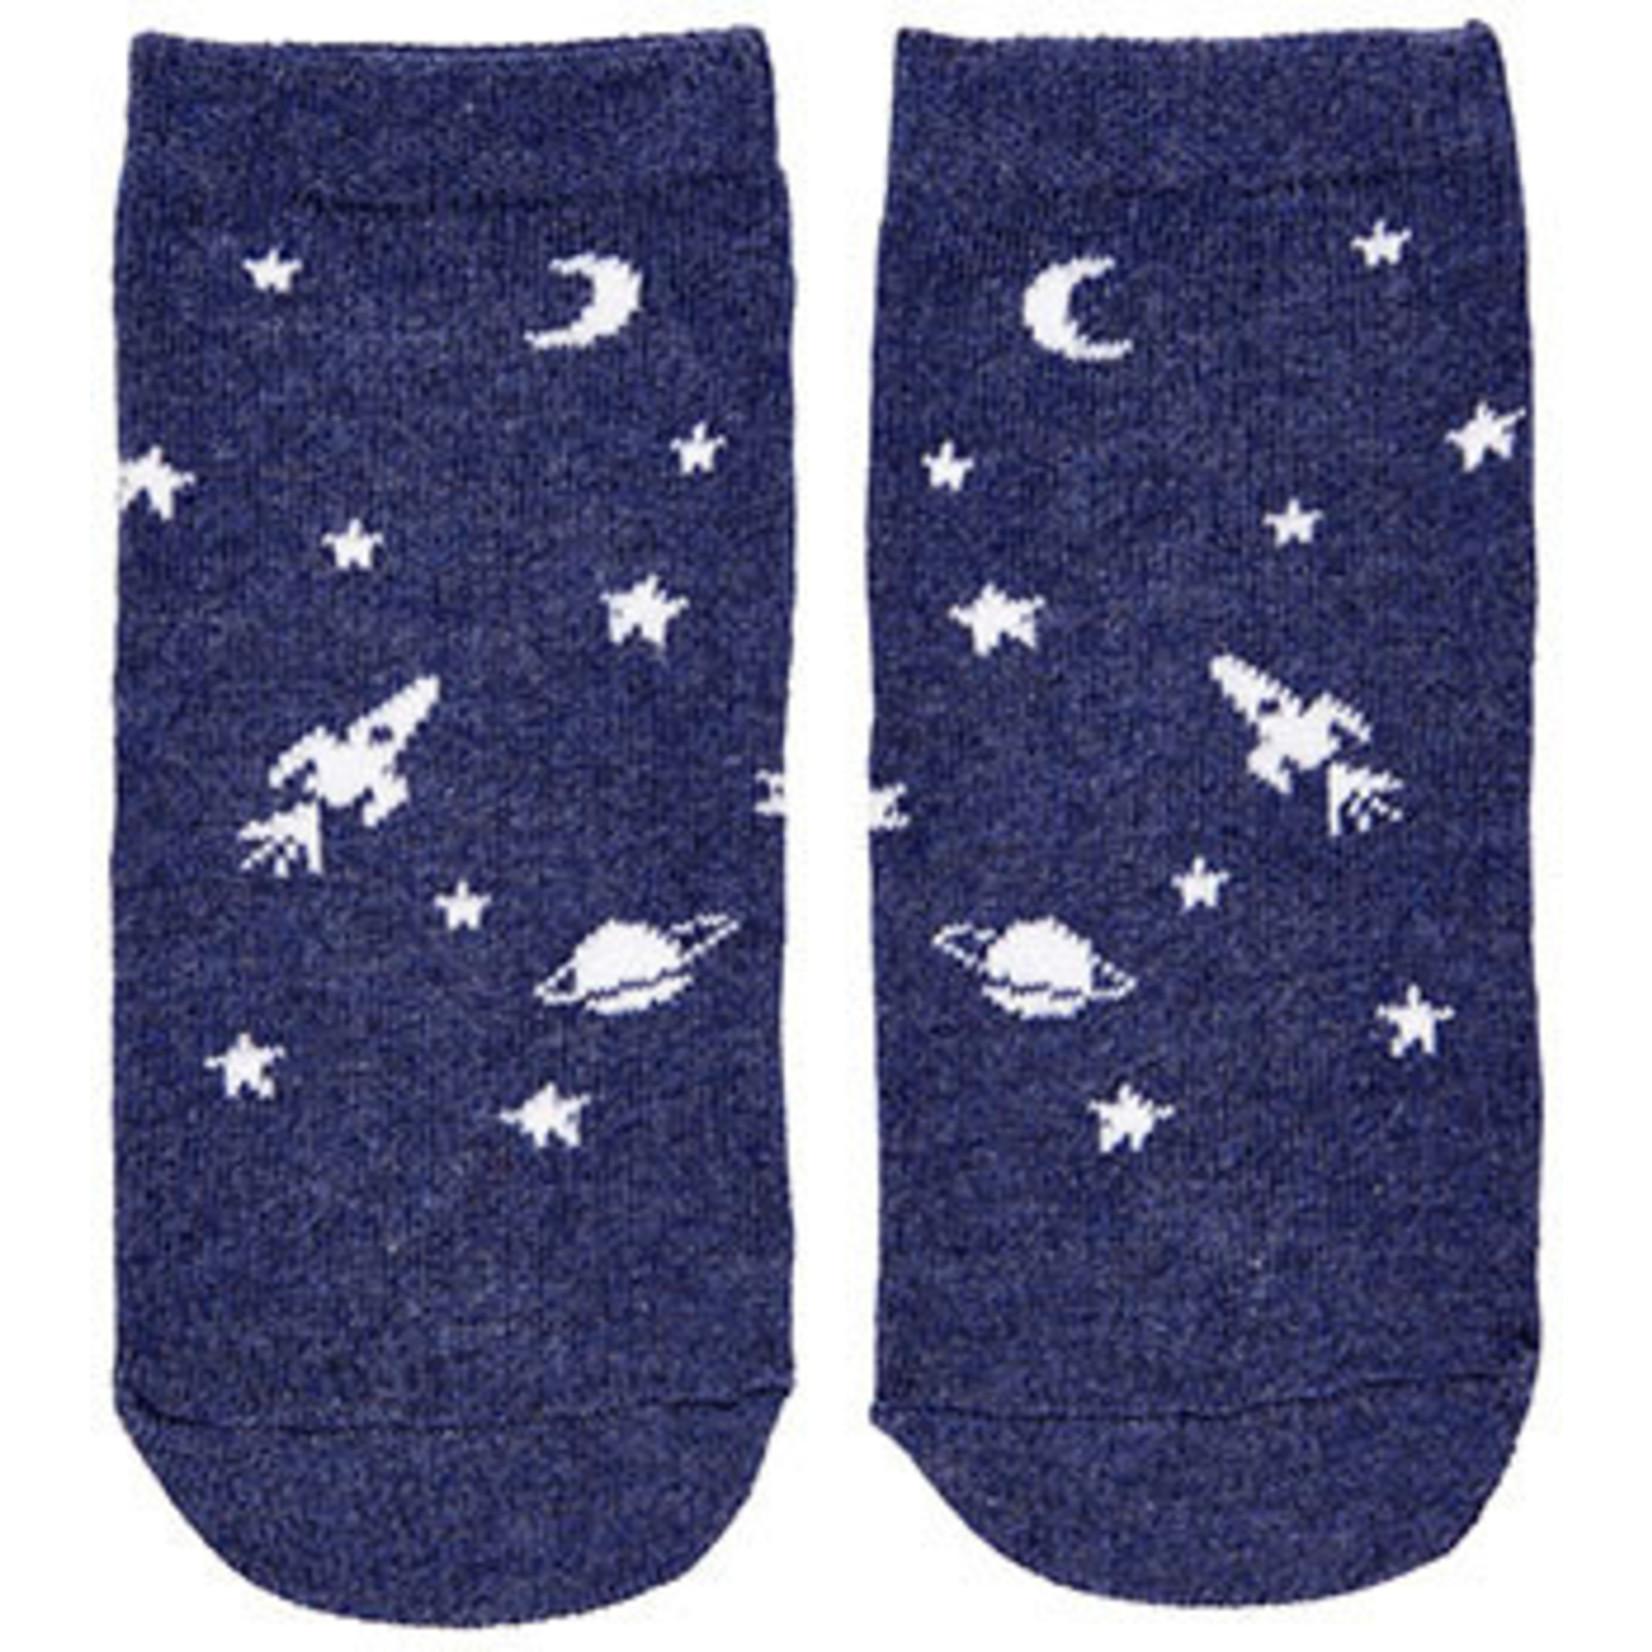 Toshi Toshi Organic Socks - Boys Intergalactic